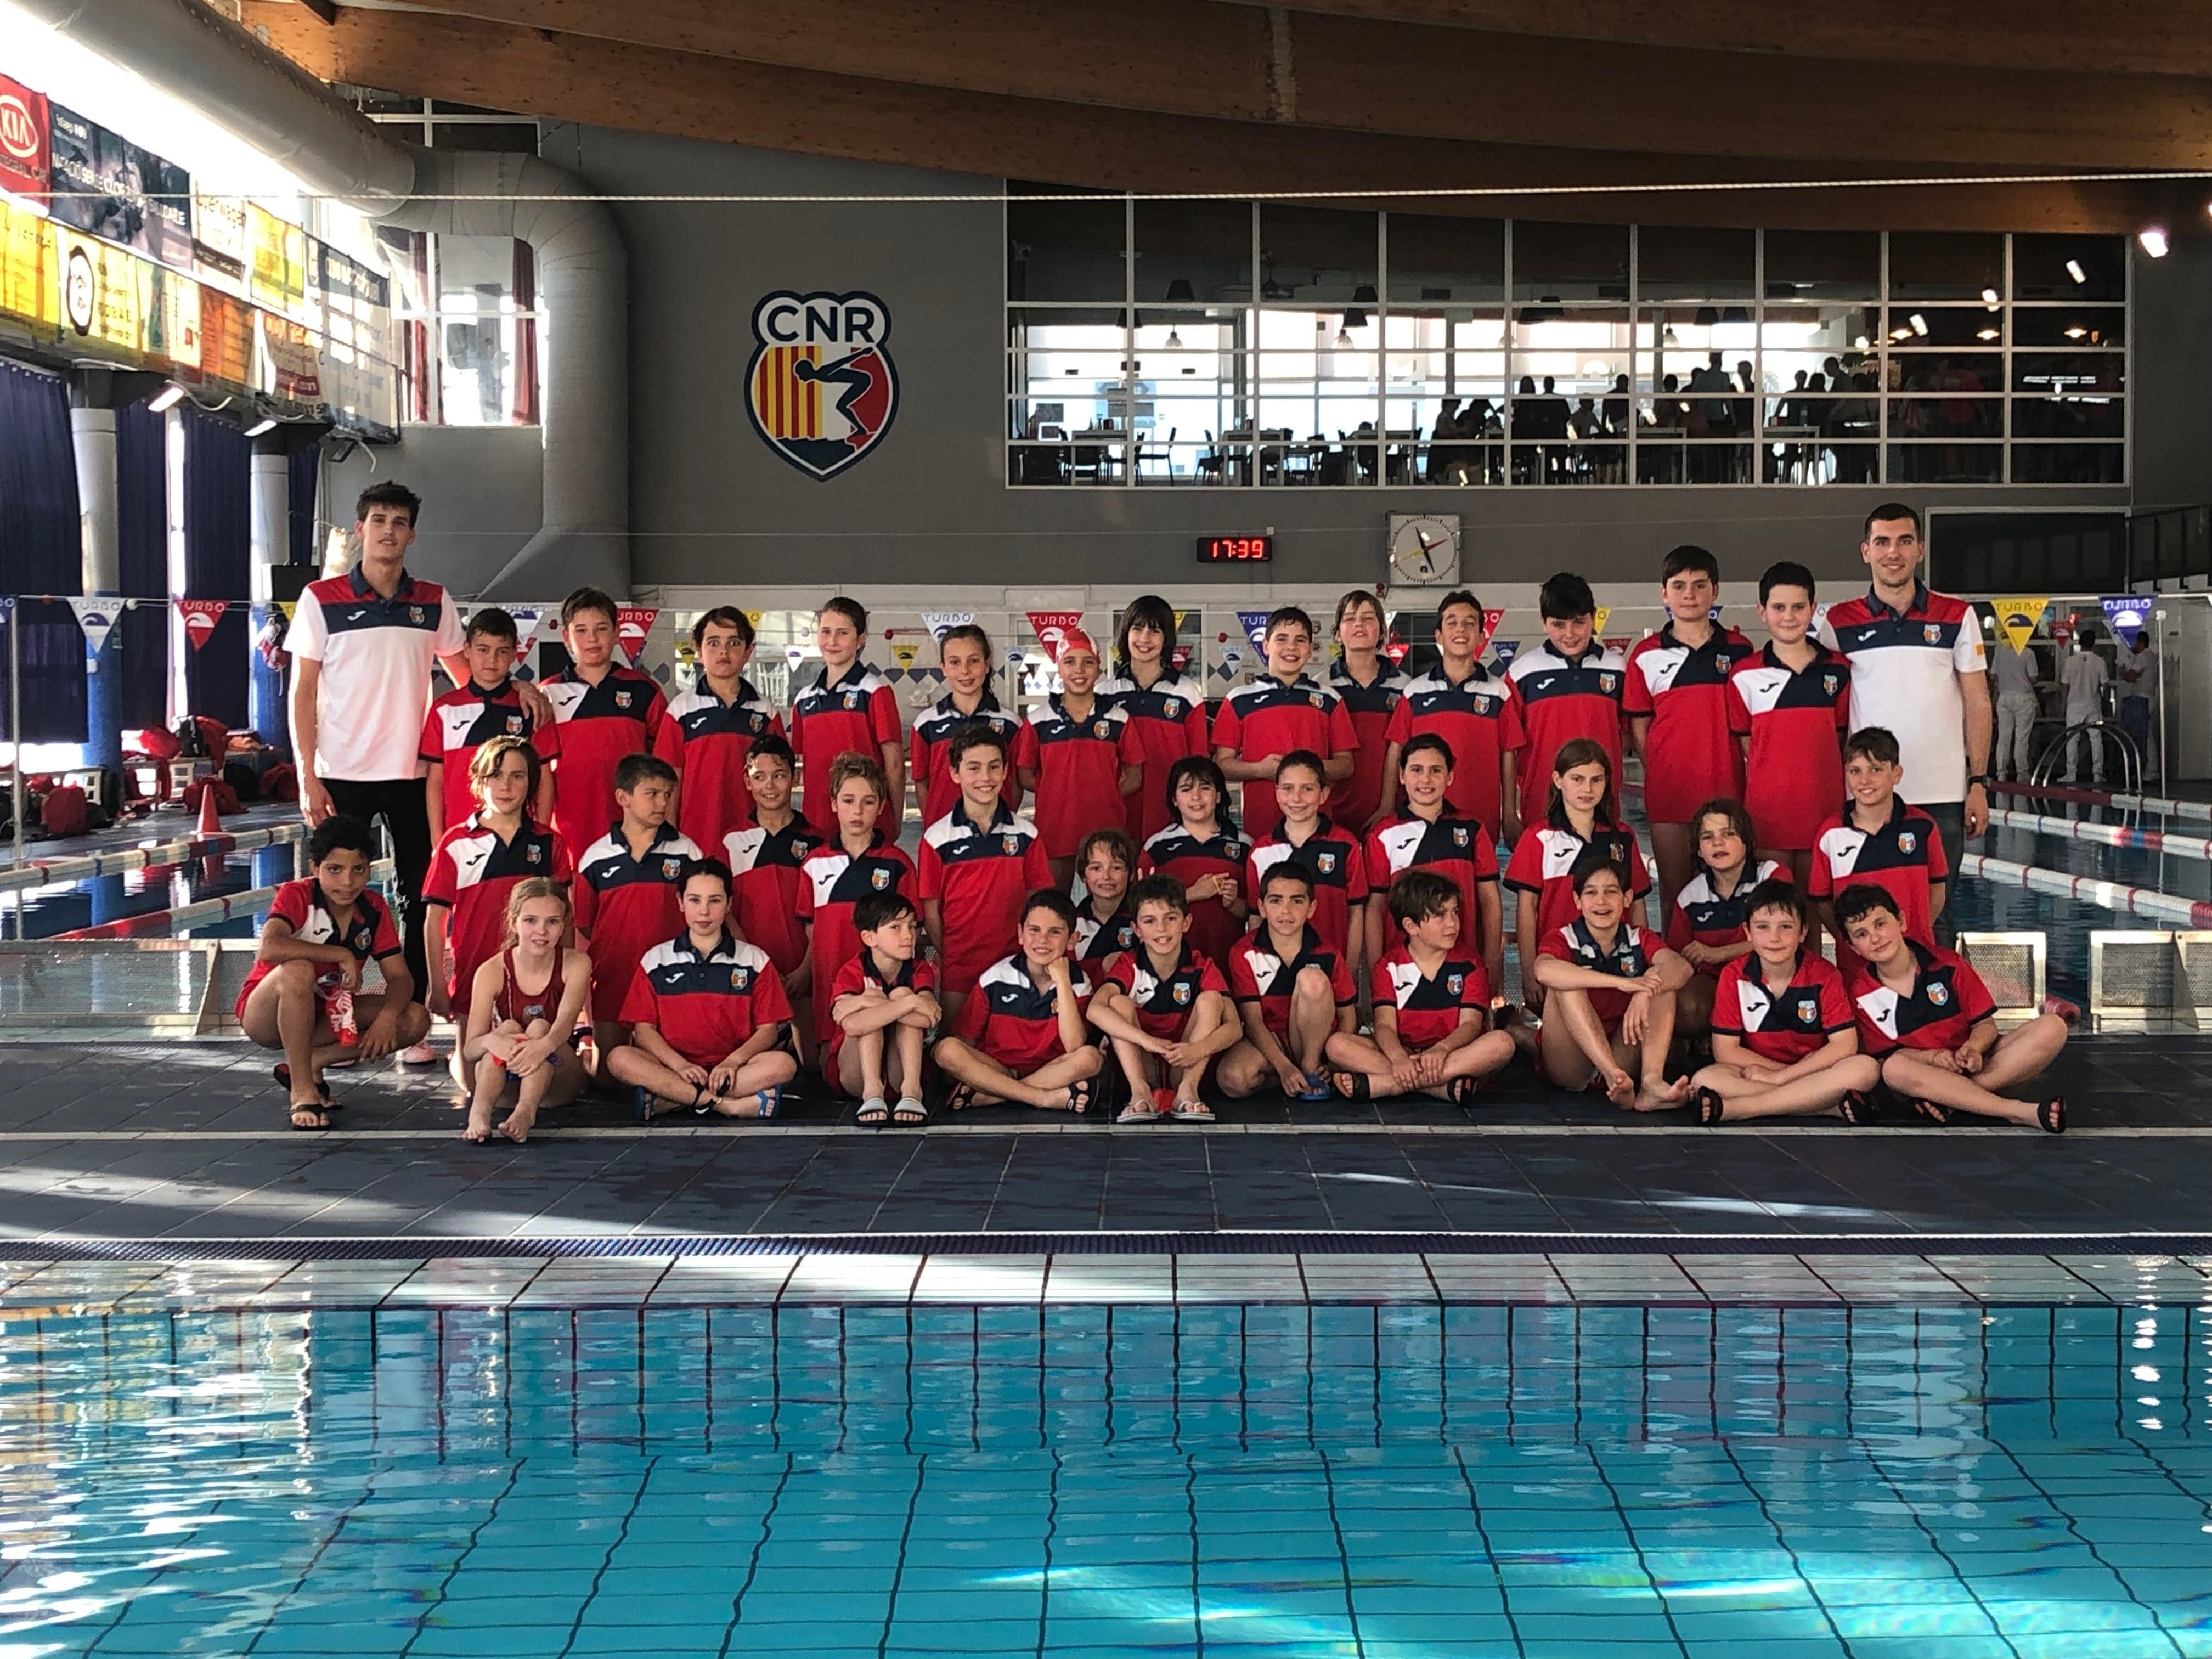 Més de 100 nedadors/es es desplacen al Club Natació Rubí per disputar la 6a jornada de la lliga catalana benjamina i 4a pre-benjamina